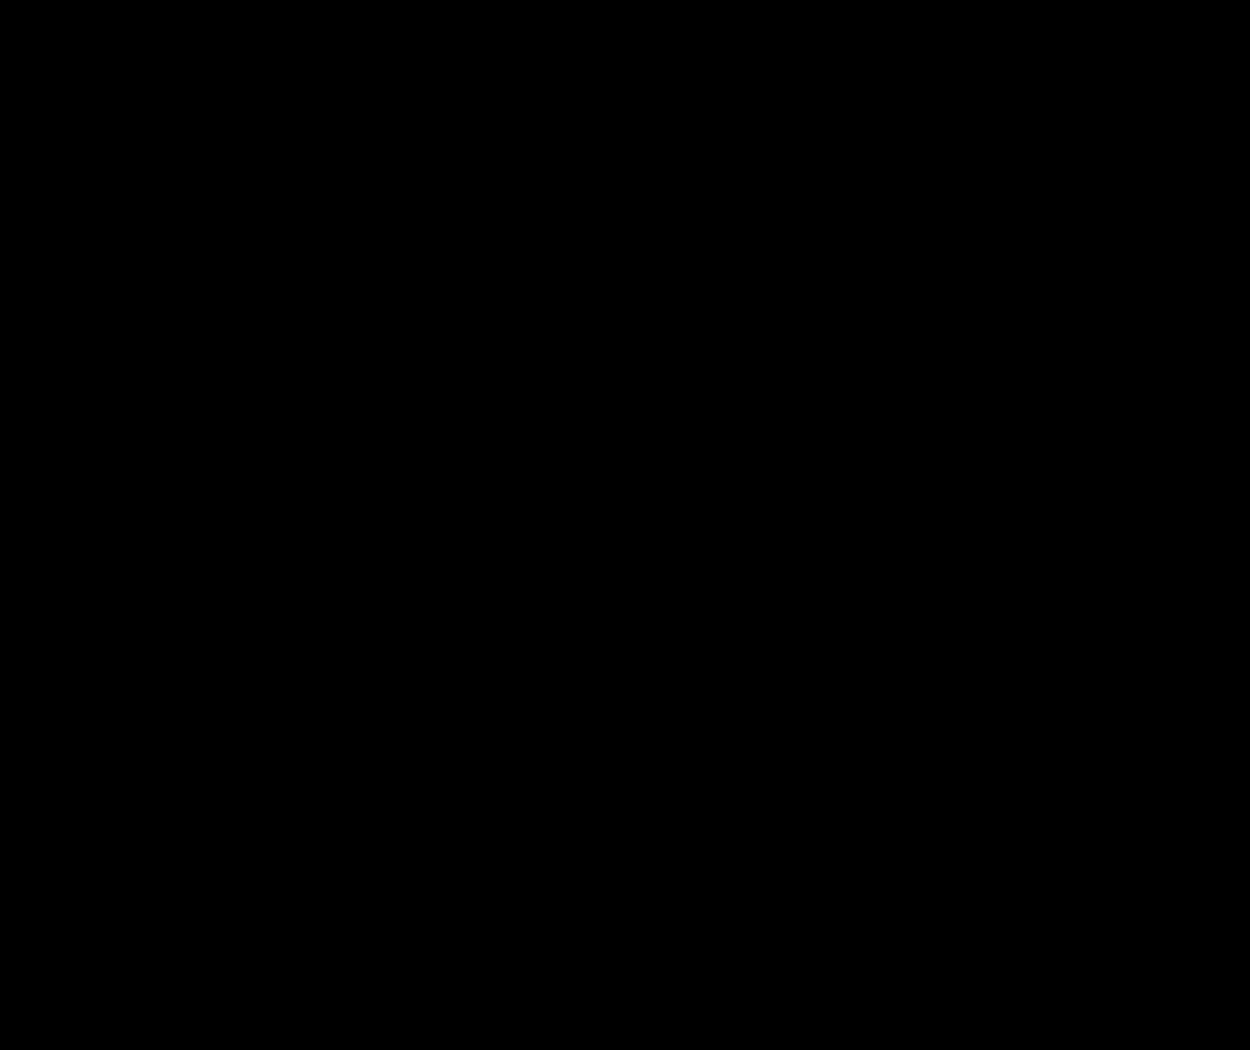 고화질이미지(바탕-투명).png